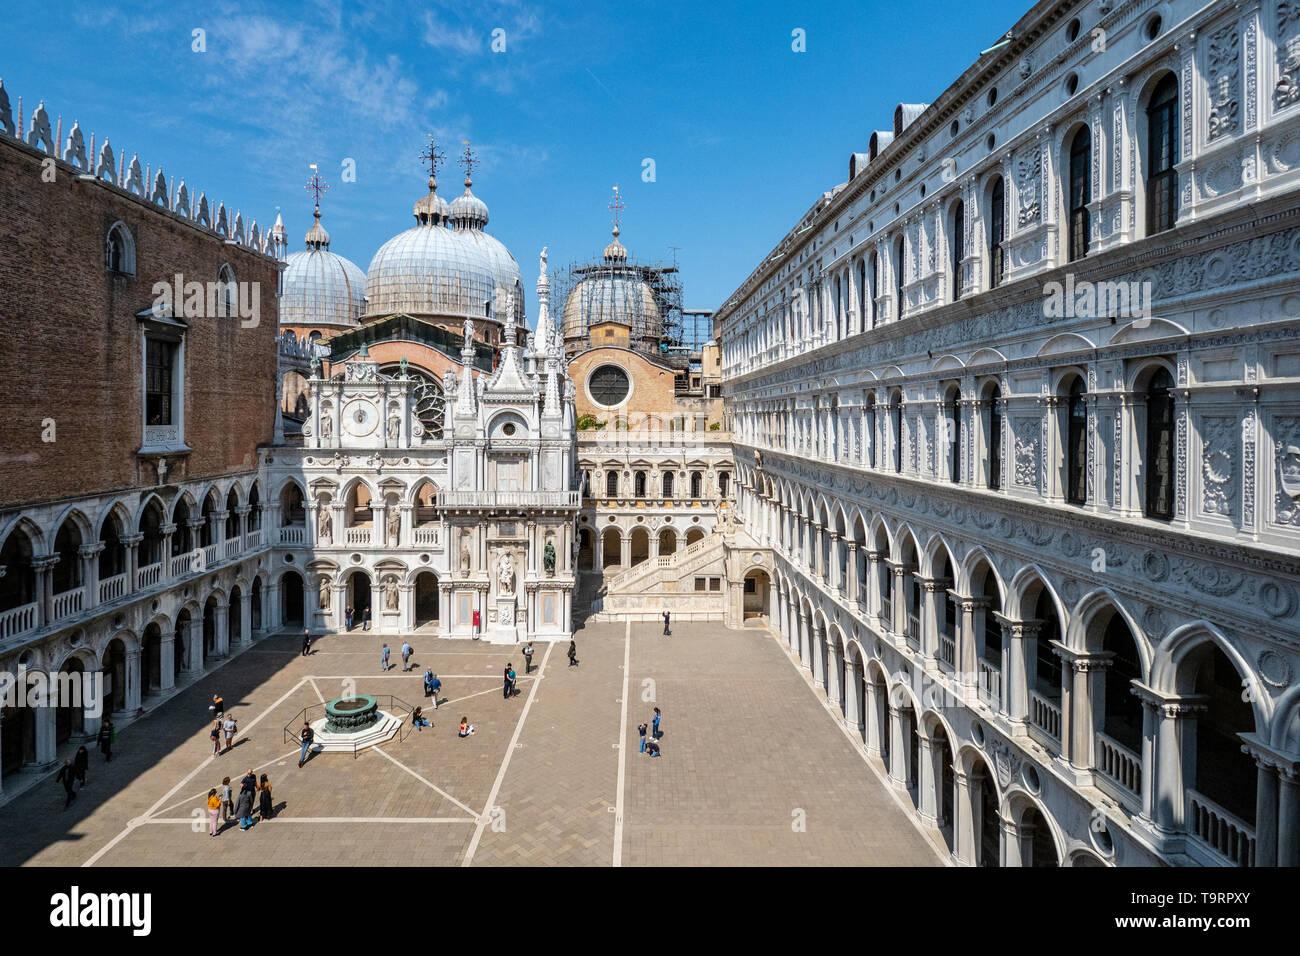 Venise, Italie - 18 avril 2019 cour intérieure du palais des Doges avec peu de visiteurs pendant la journée. Banque D'Images